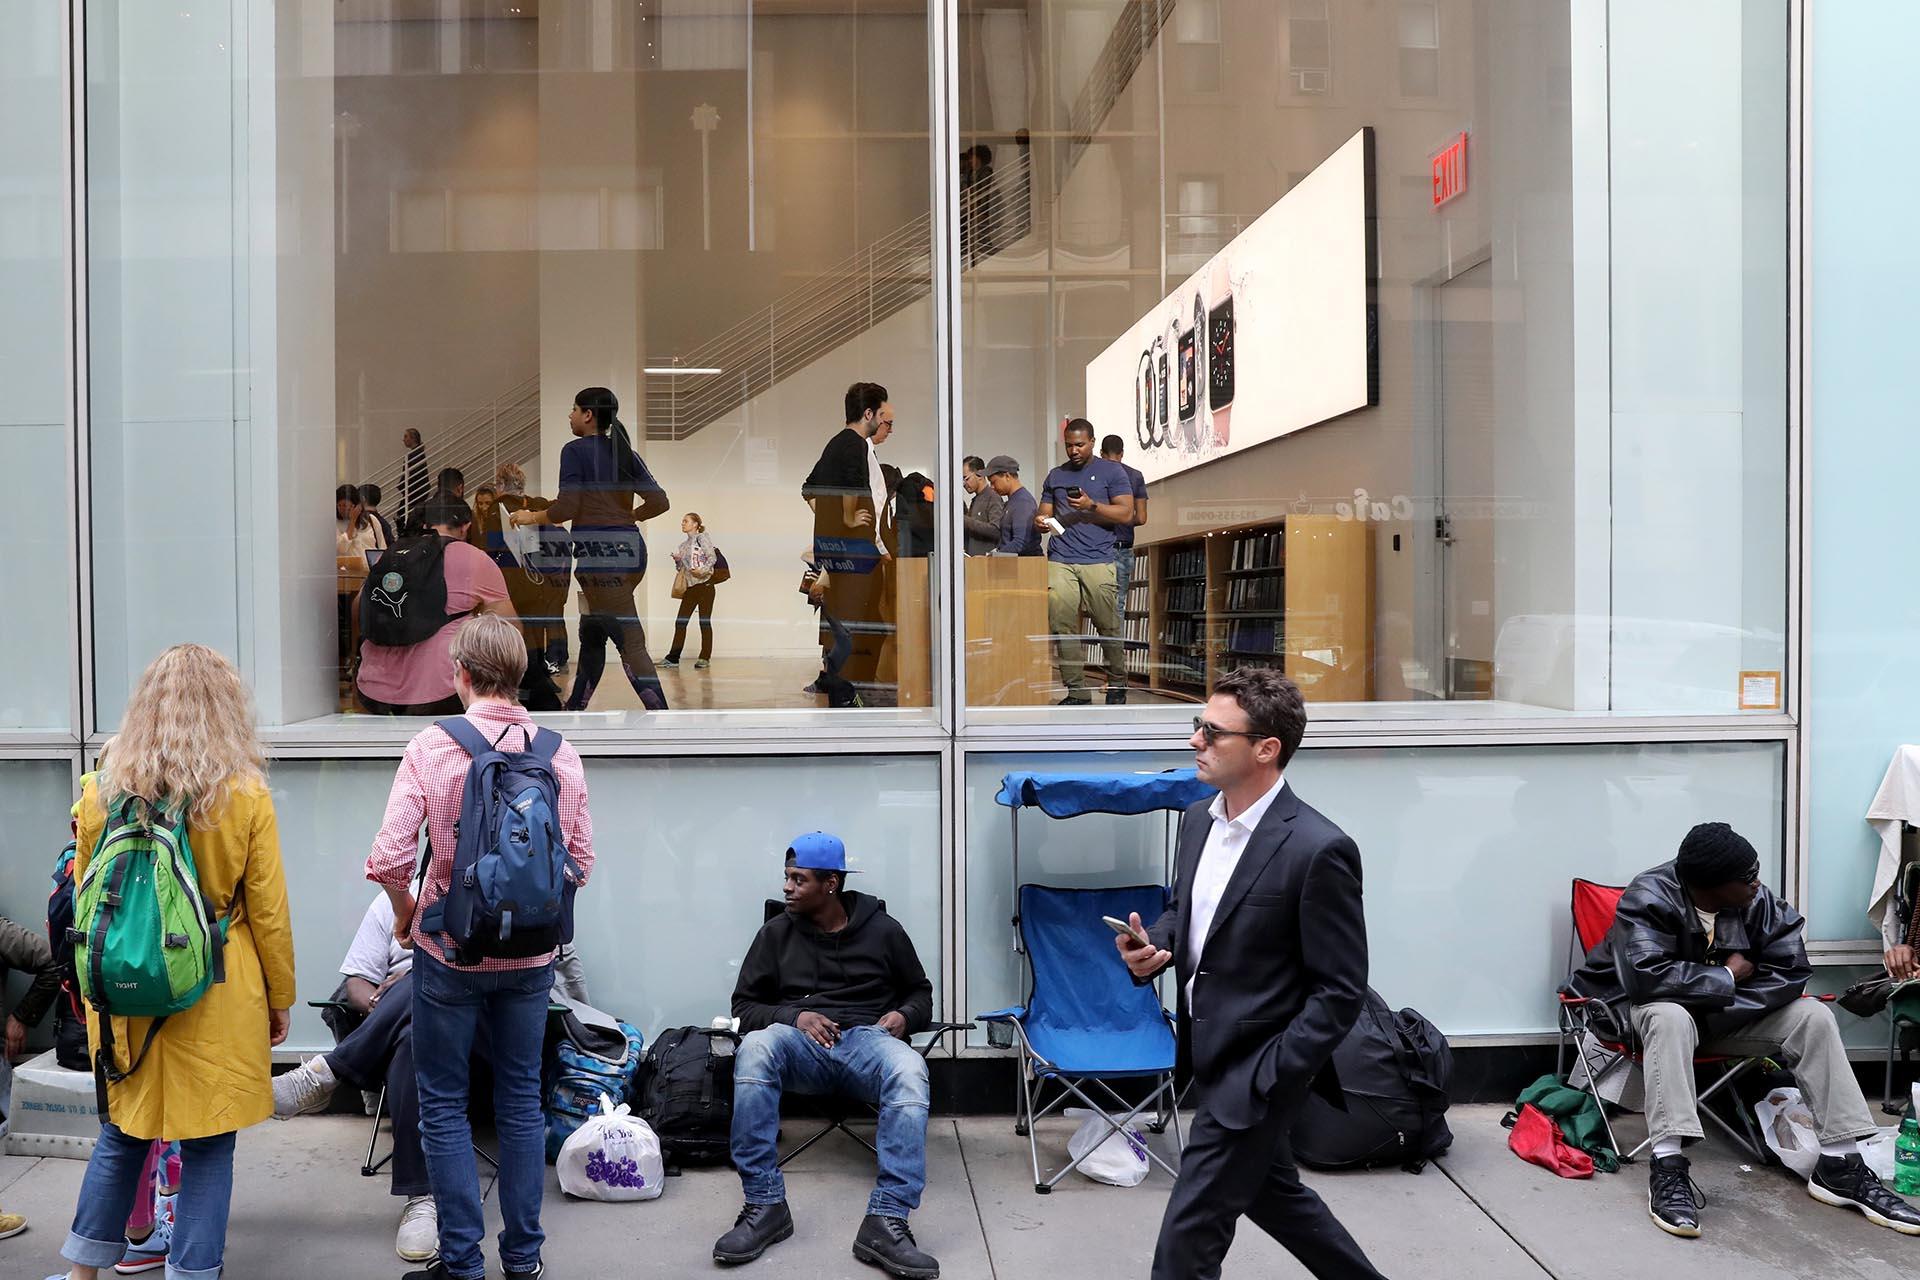 Decenas de personas hicieron fila afuera de una tienda Apple ayer en Nueva York para esperar el lanzamiento del nuevo iPhone X (EFE/ANDREW GOMBERT)